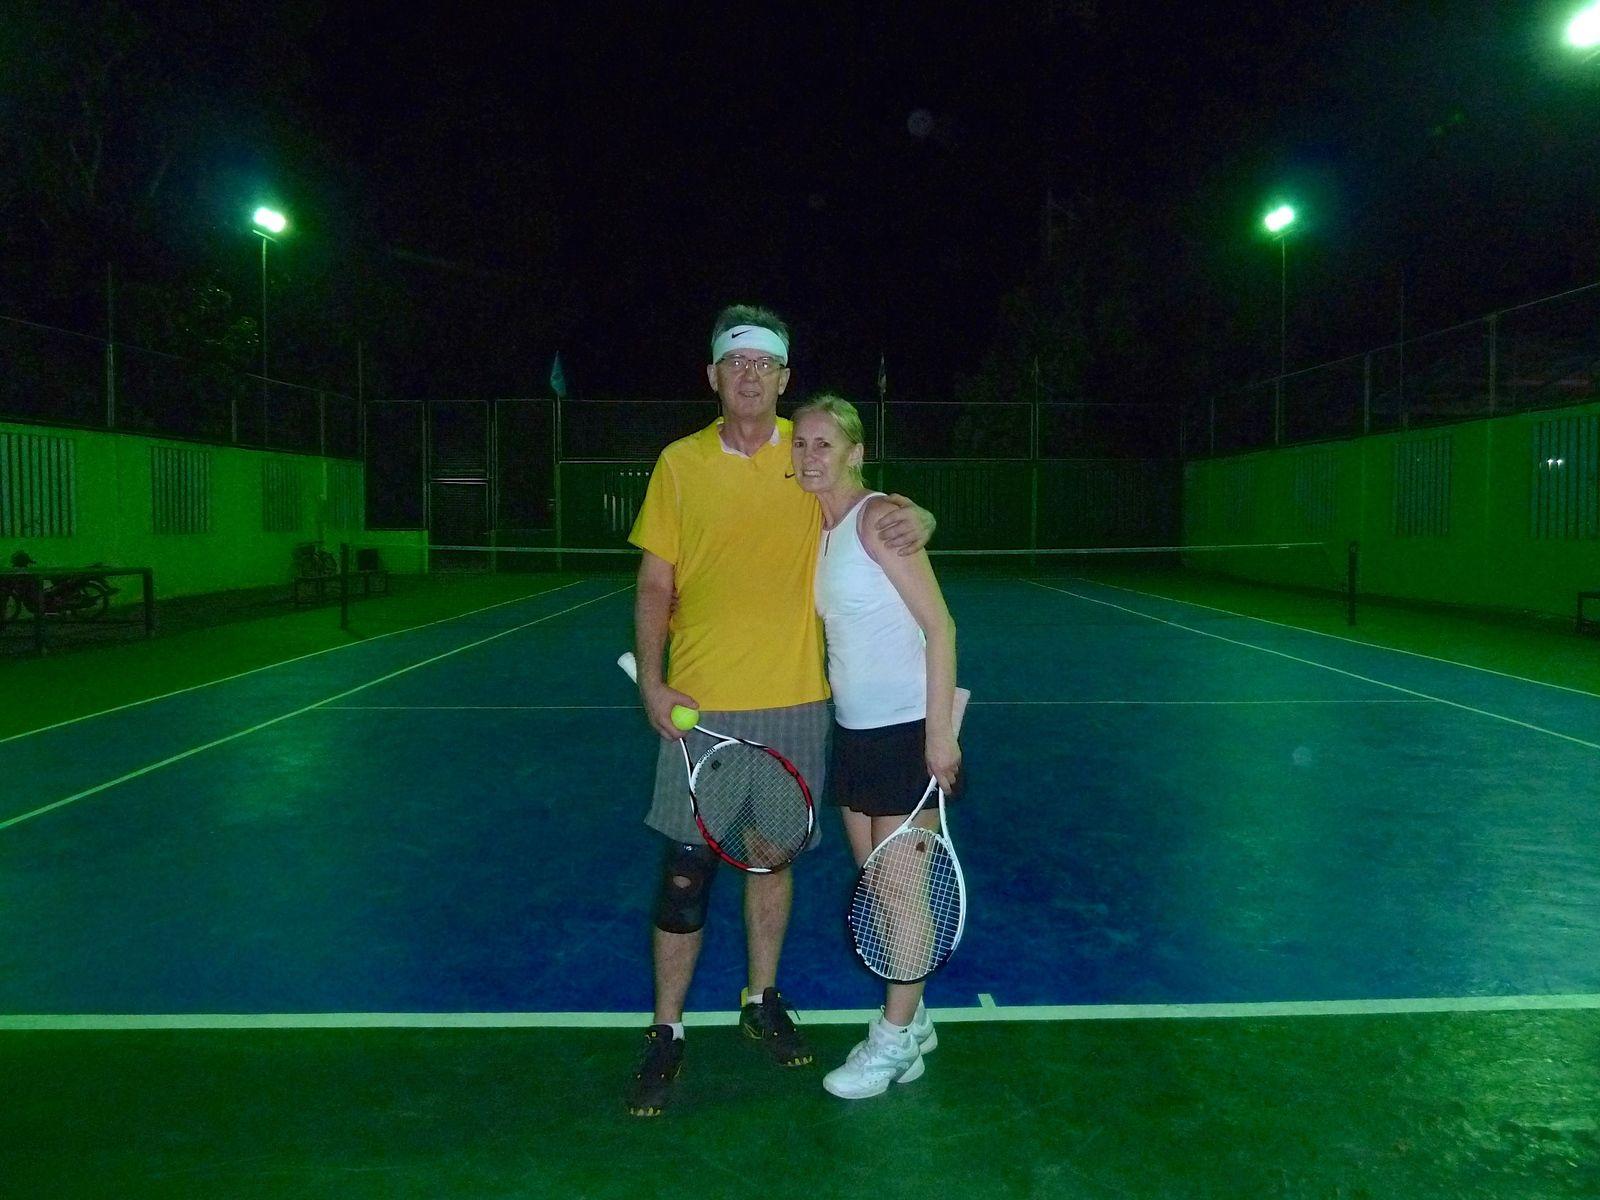 tennis-tourist-koh-chang-thailand-tennis-club-night-teri-church